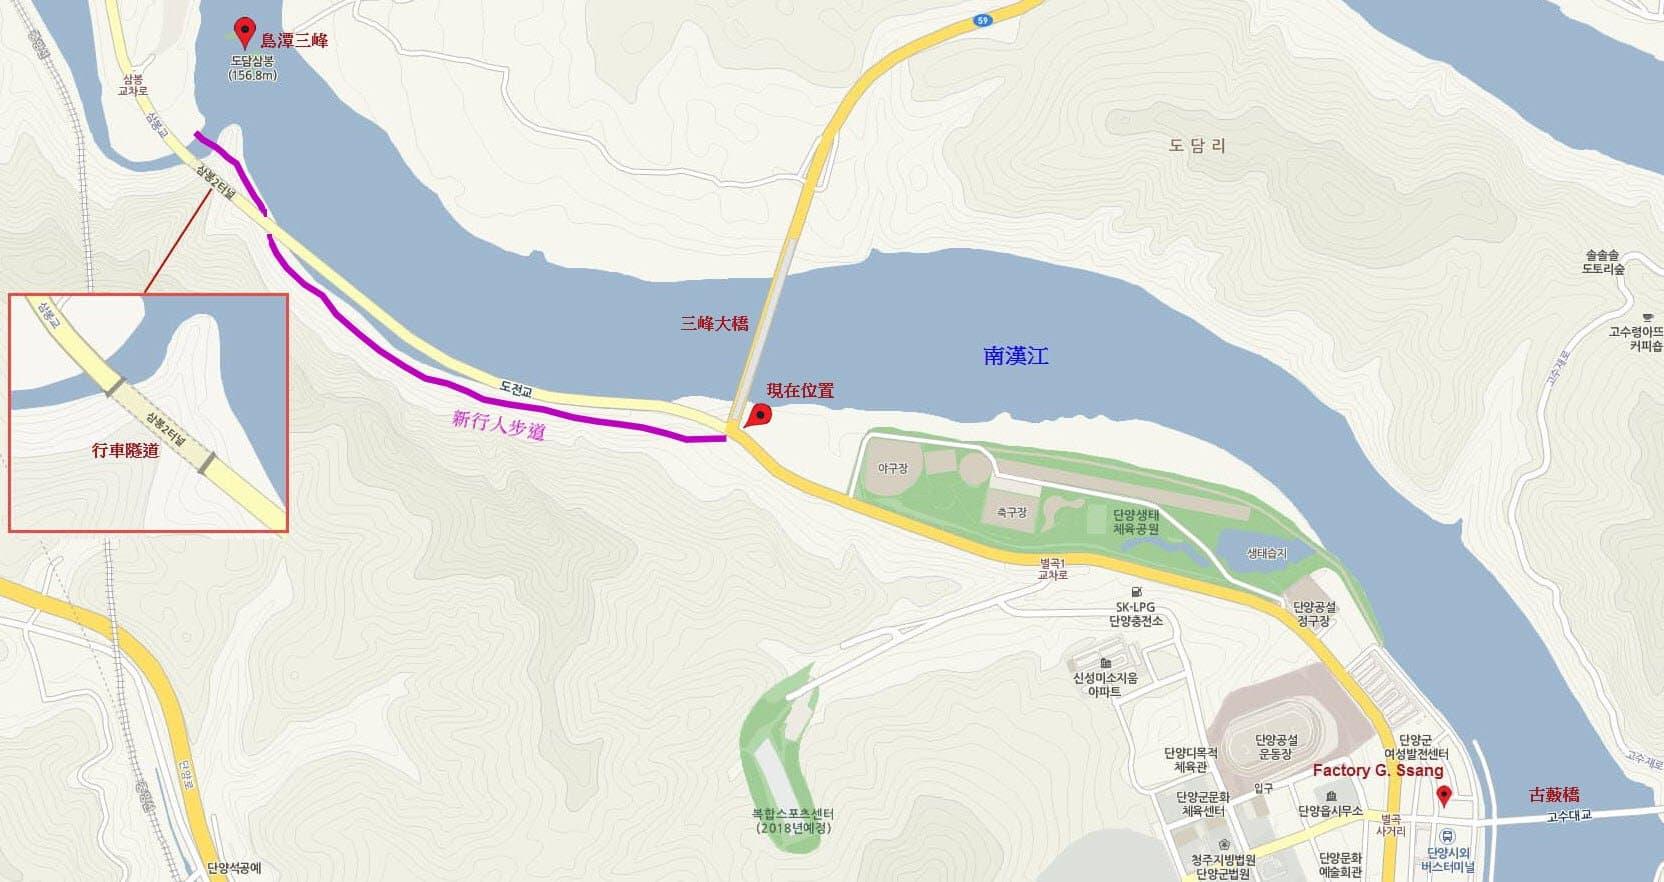 丹陽市連接島潭三峰新人行步道